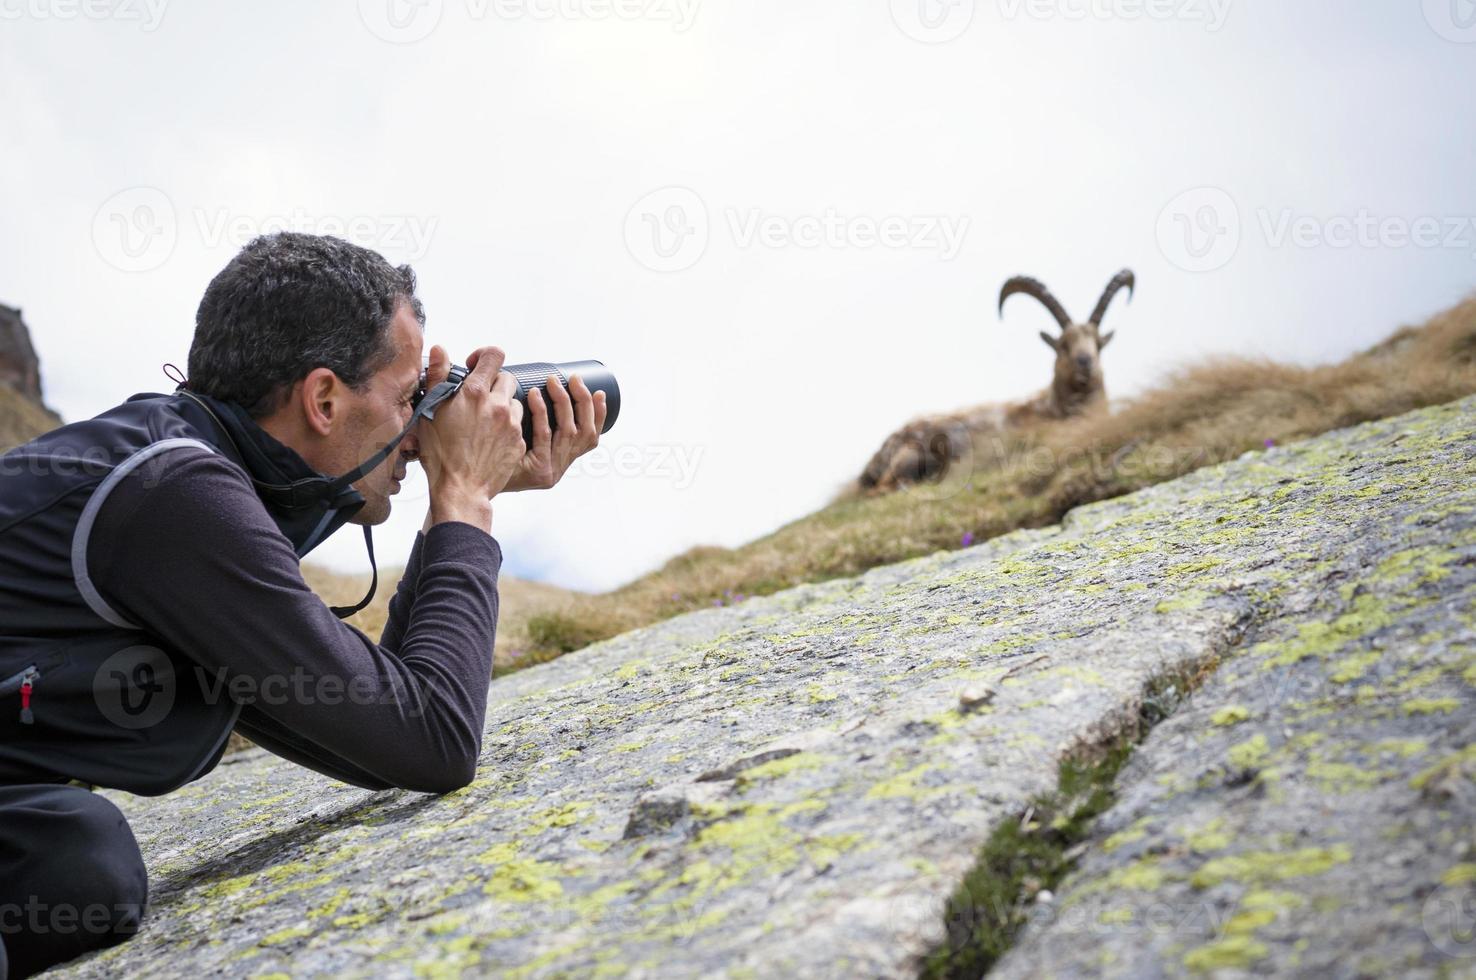 Wildlife Photographer photo